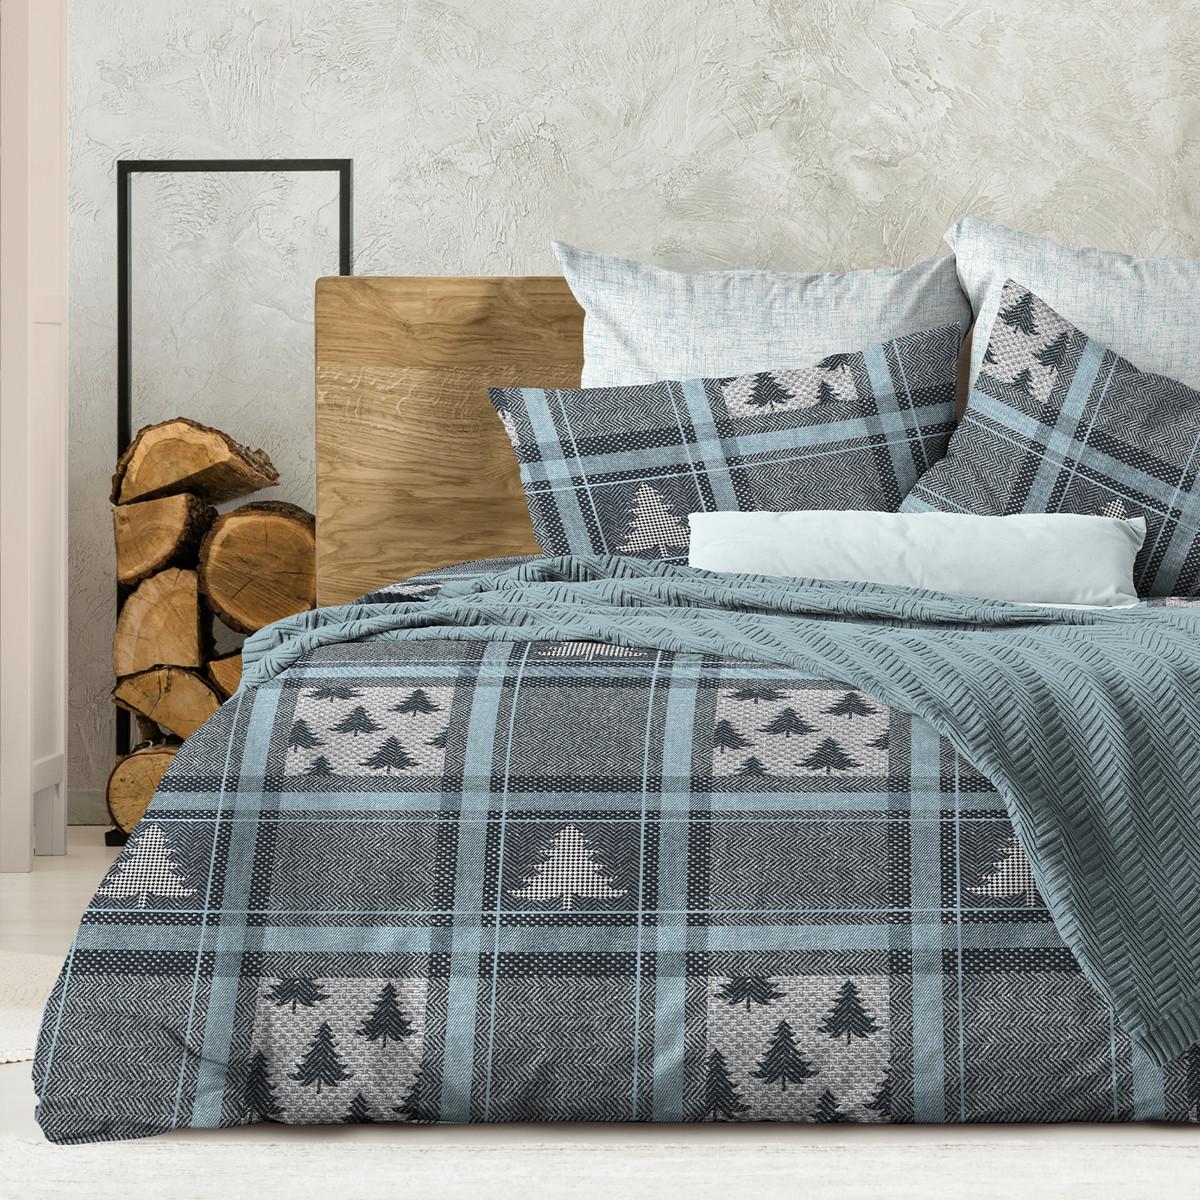 Wenge Комплект постельного белья Aspen,  WENGE, 2 спальный евро (наволочки 70х70),